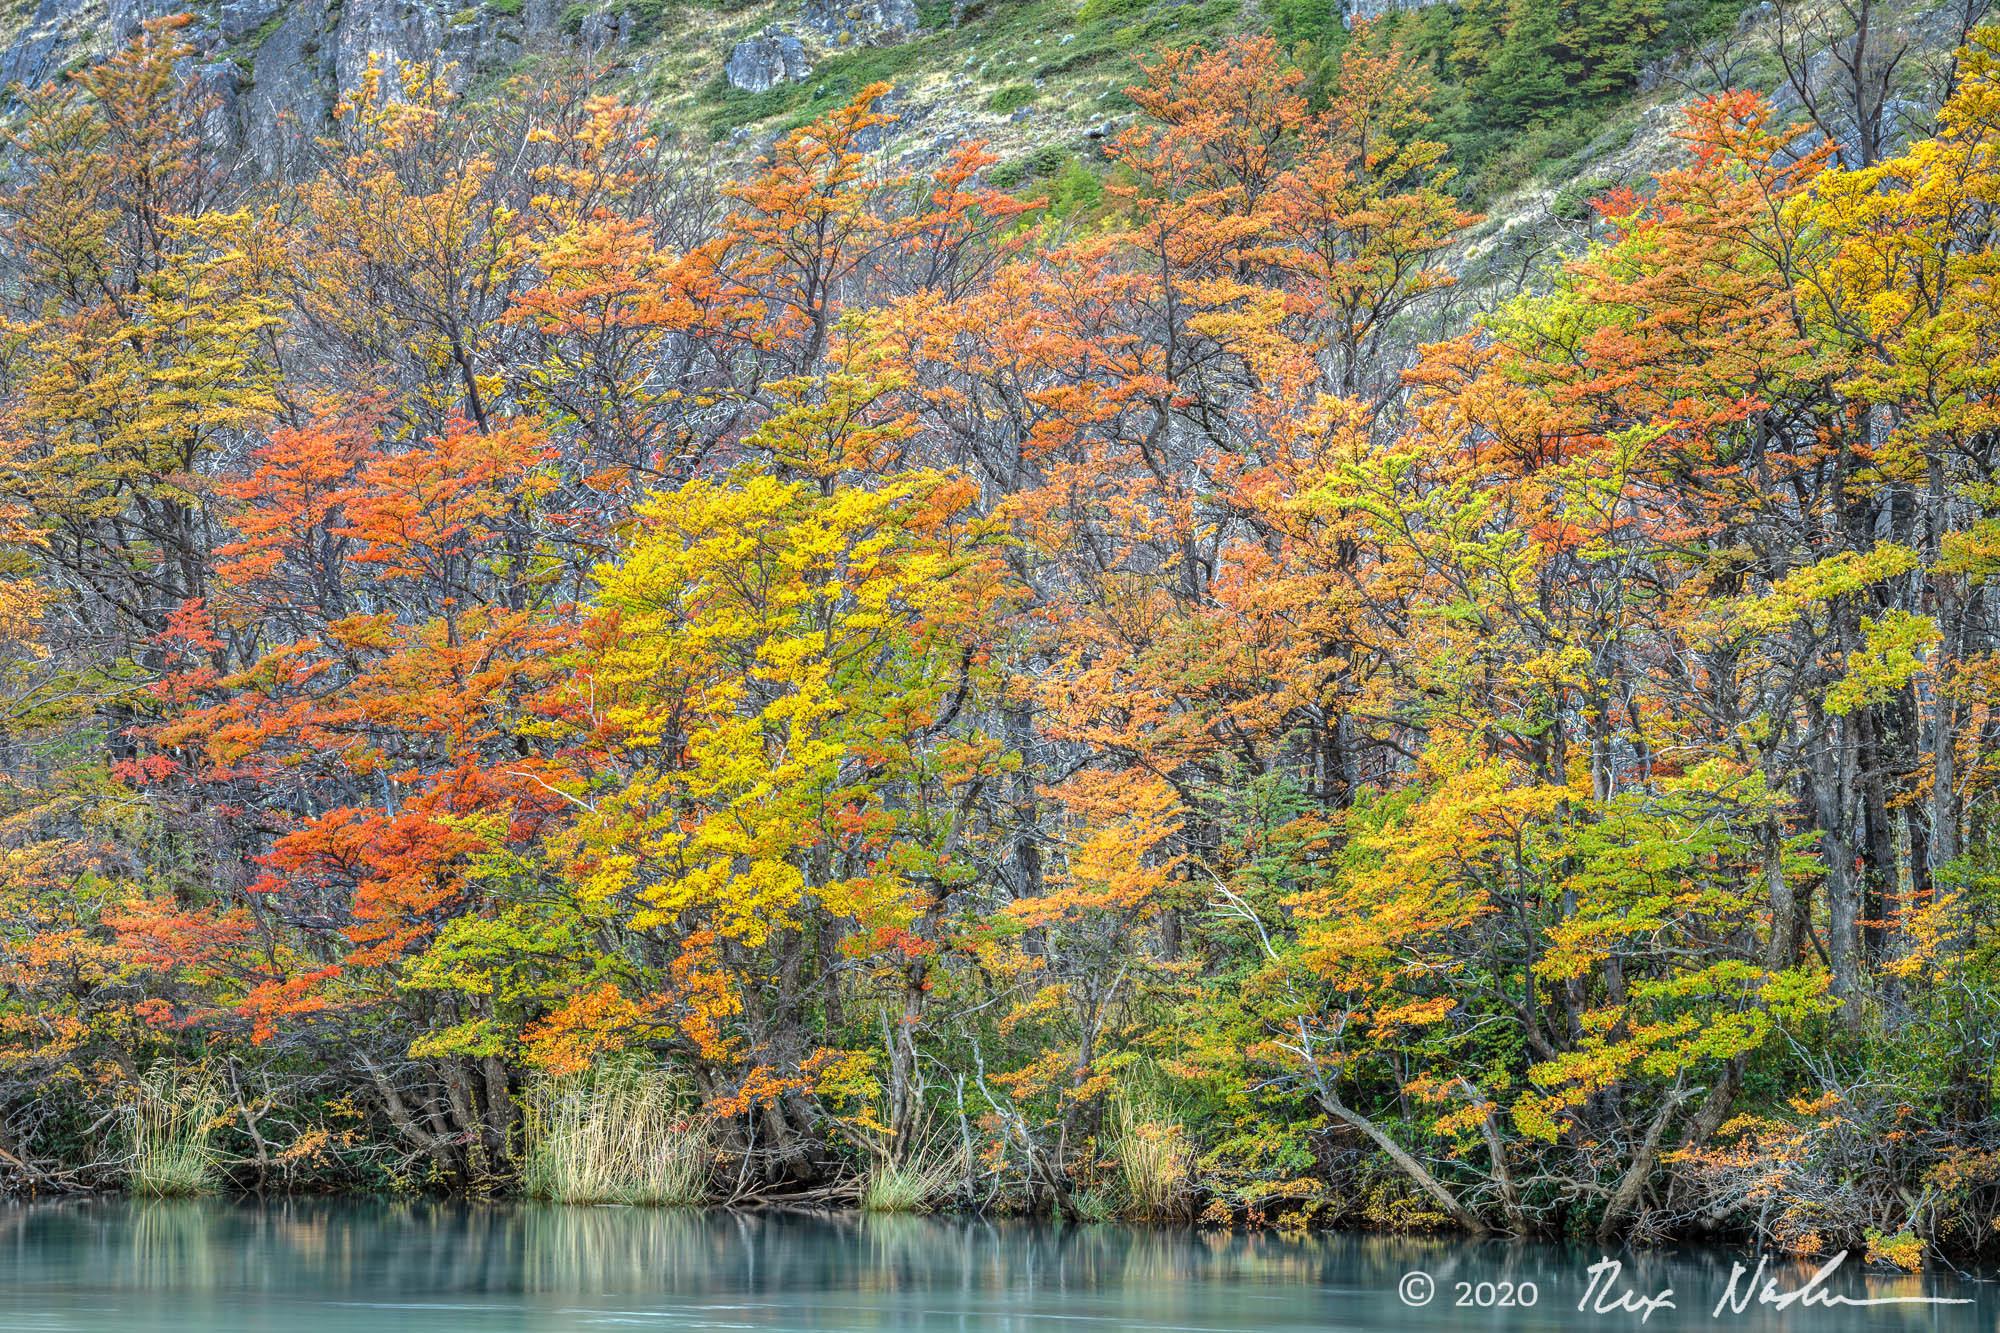 Austral Autumn - Near El Chalten, Argentina